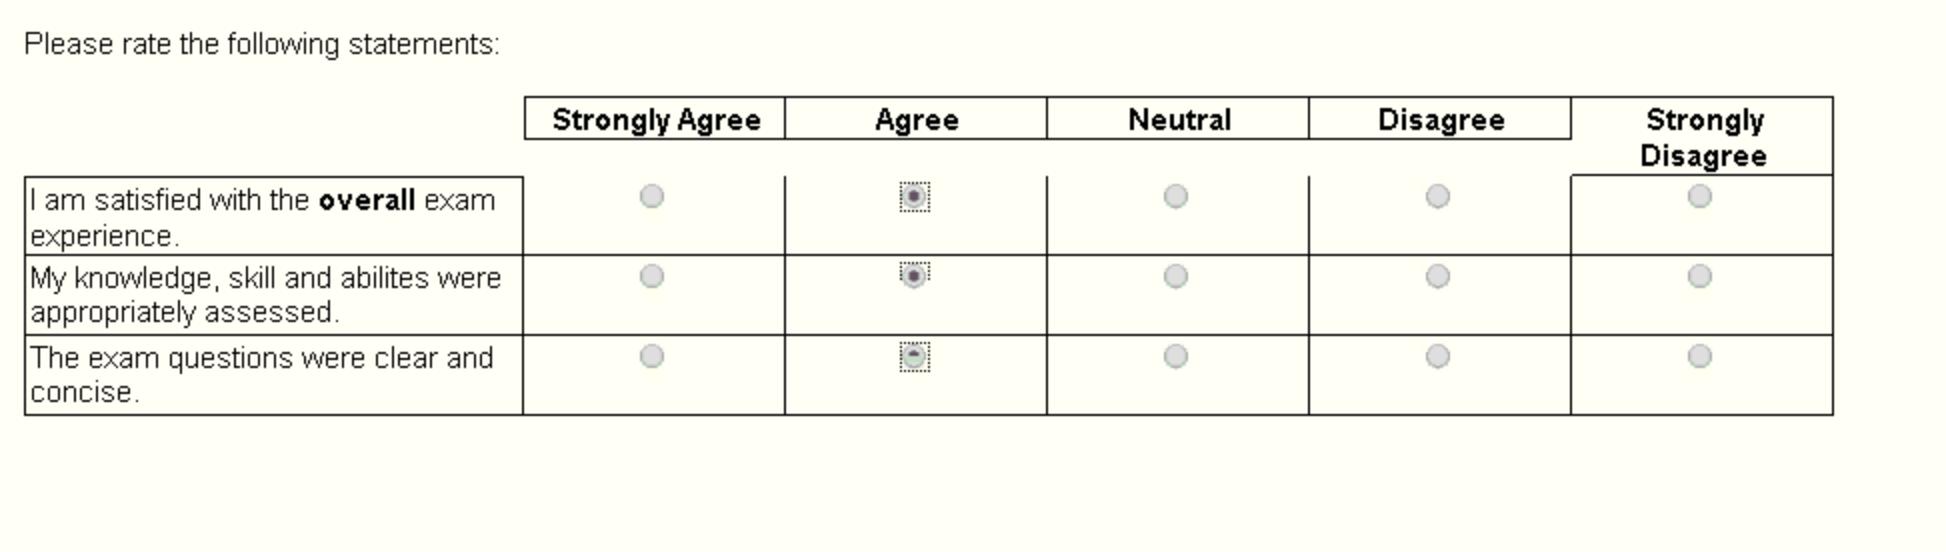 开始前和结束后都分别有一个跟成绩无关的问卷调查04